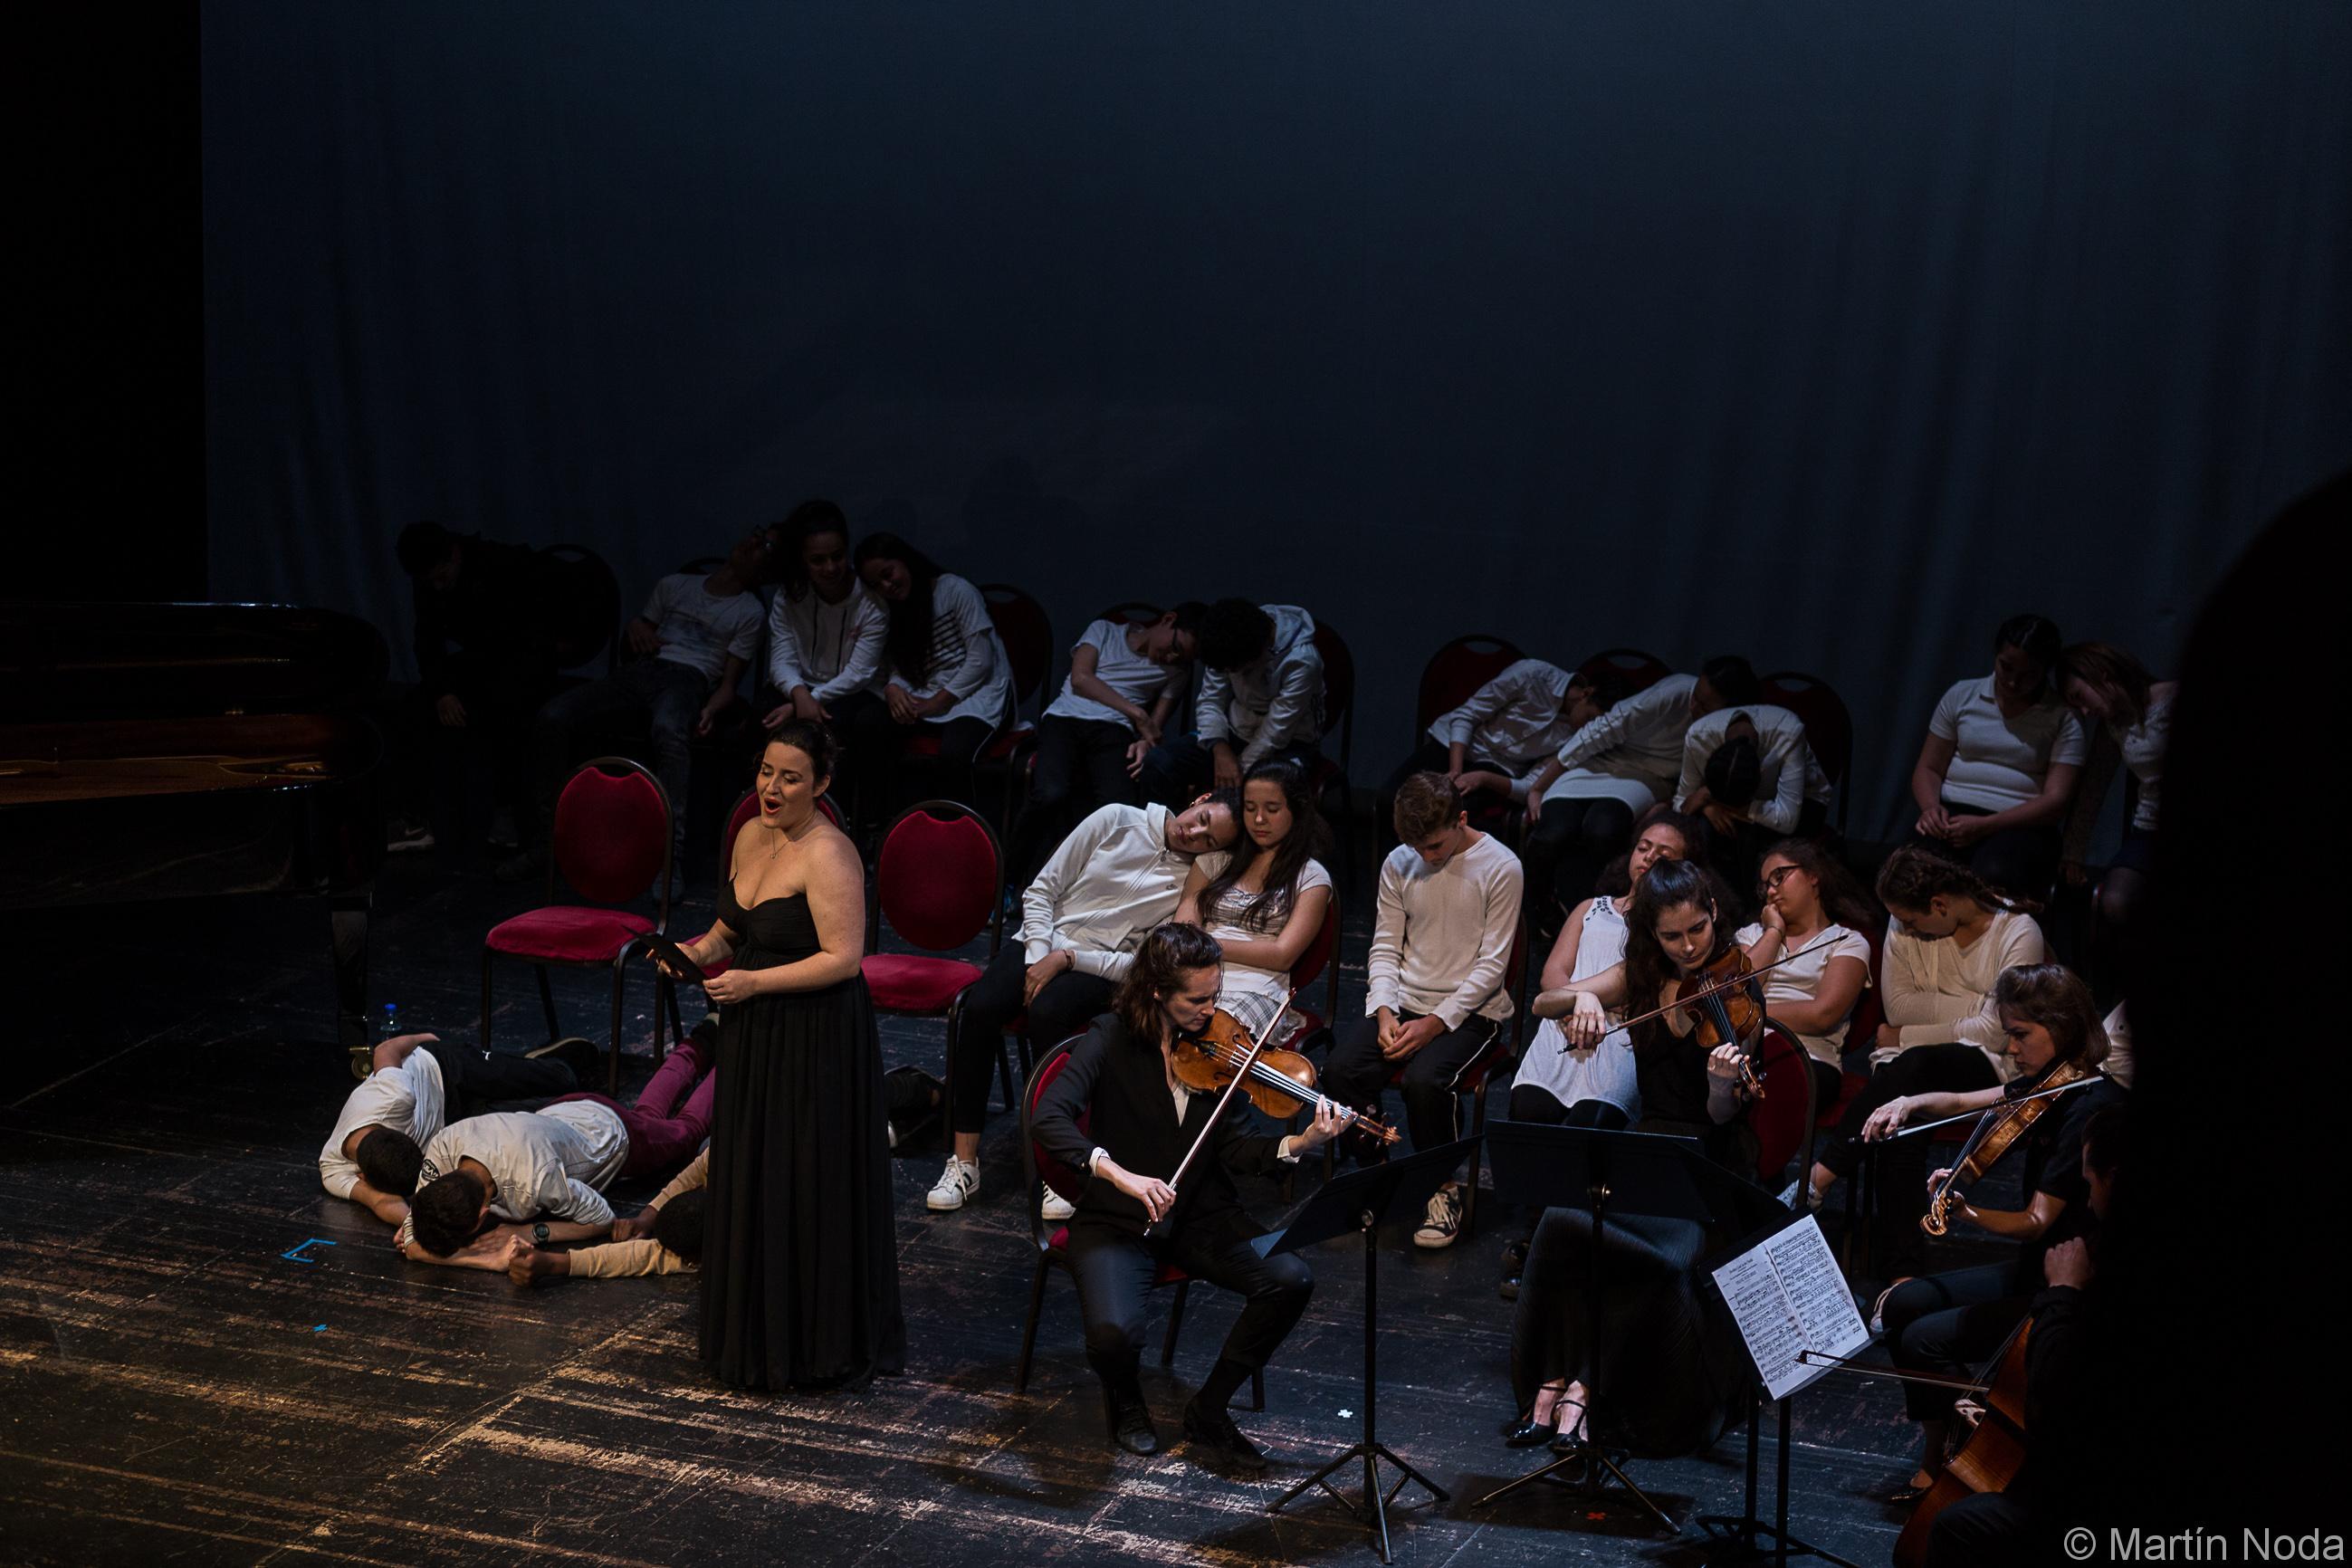 Marie Soubestre, Fiona Monbet, Hélène Maréchaux, Léa Hennino, et la classe de 5ème du collège Côte Rousse de Chambéry